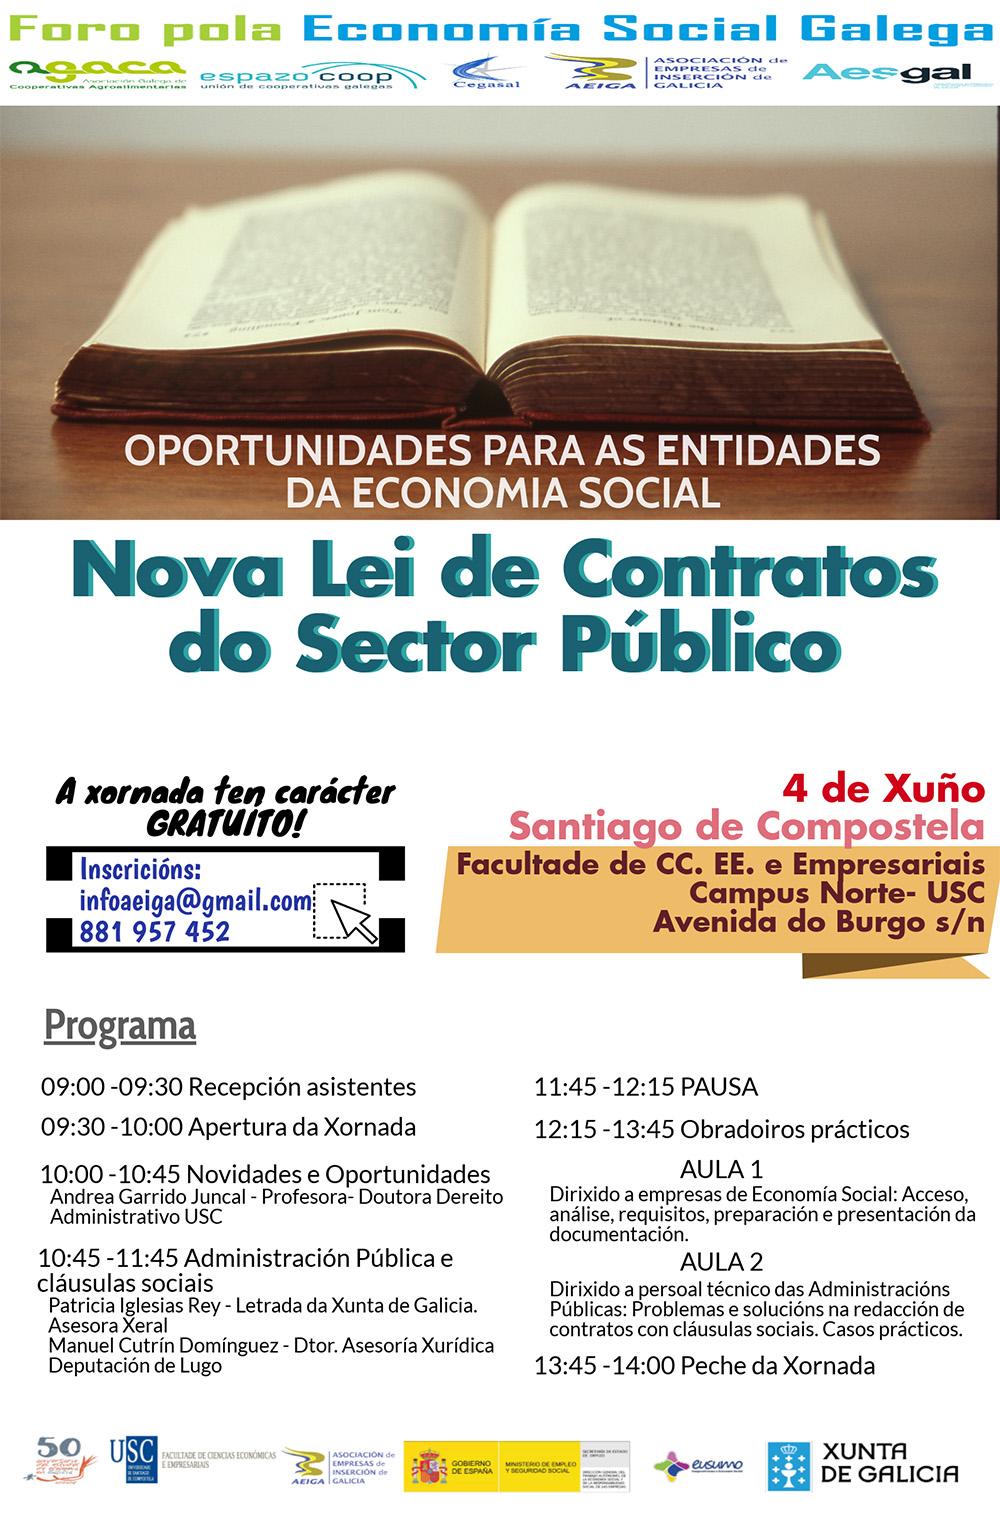 Jornada del Foro pola Economía Social Galega acerca de la nueva Ley de Contratos del Sector Público